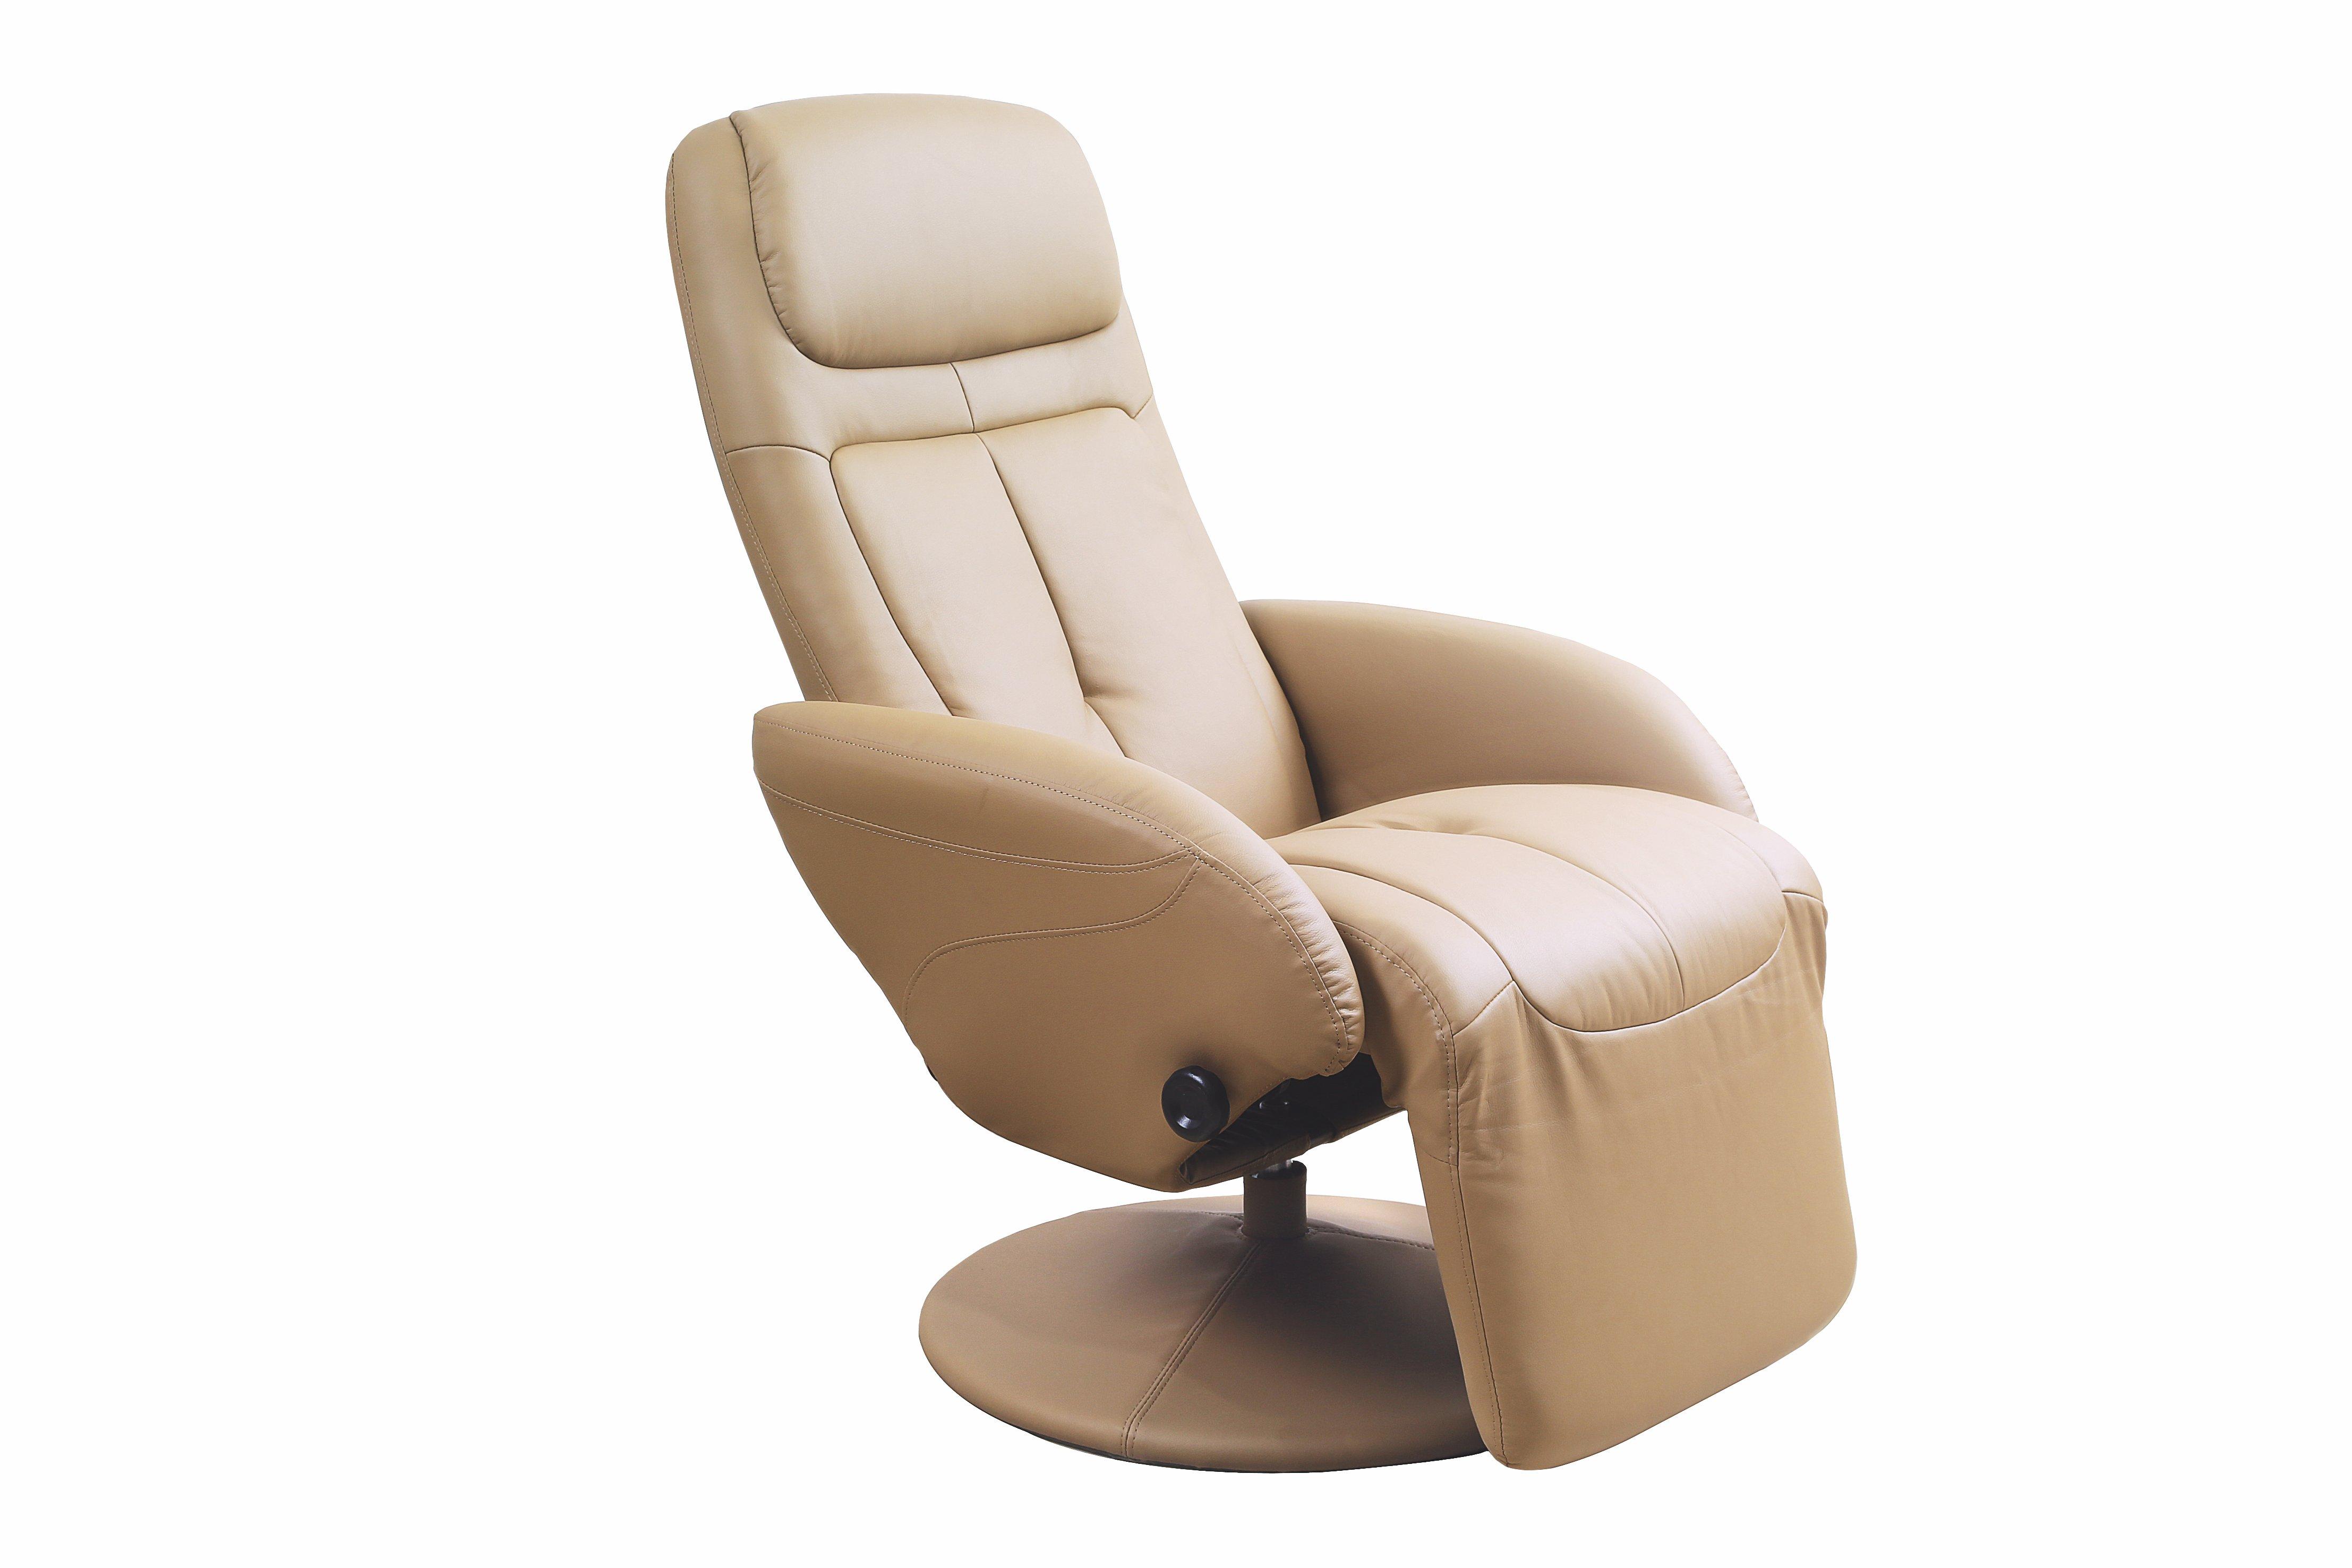 Relaxačné kreslo - Halmar - Optima (béžová). Sme autorizovaný predajca Halmar. Vlastná spoľahlivá doprava až k Vám domov.